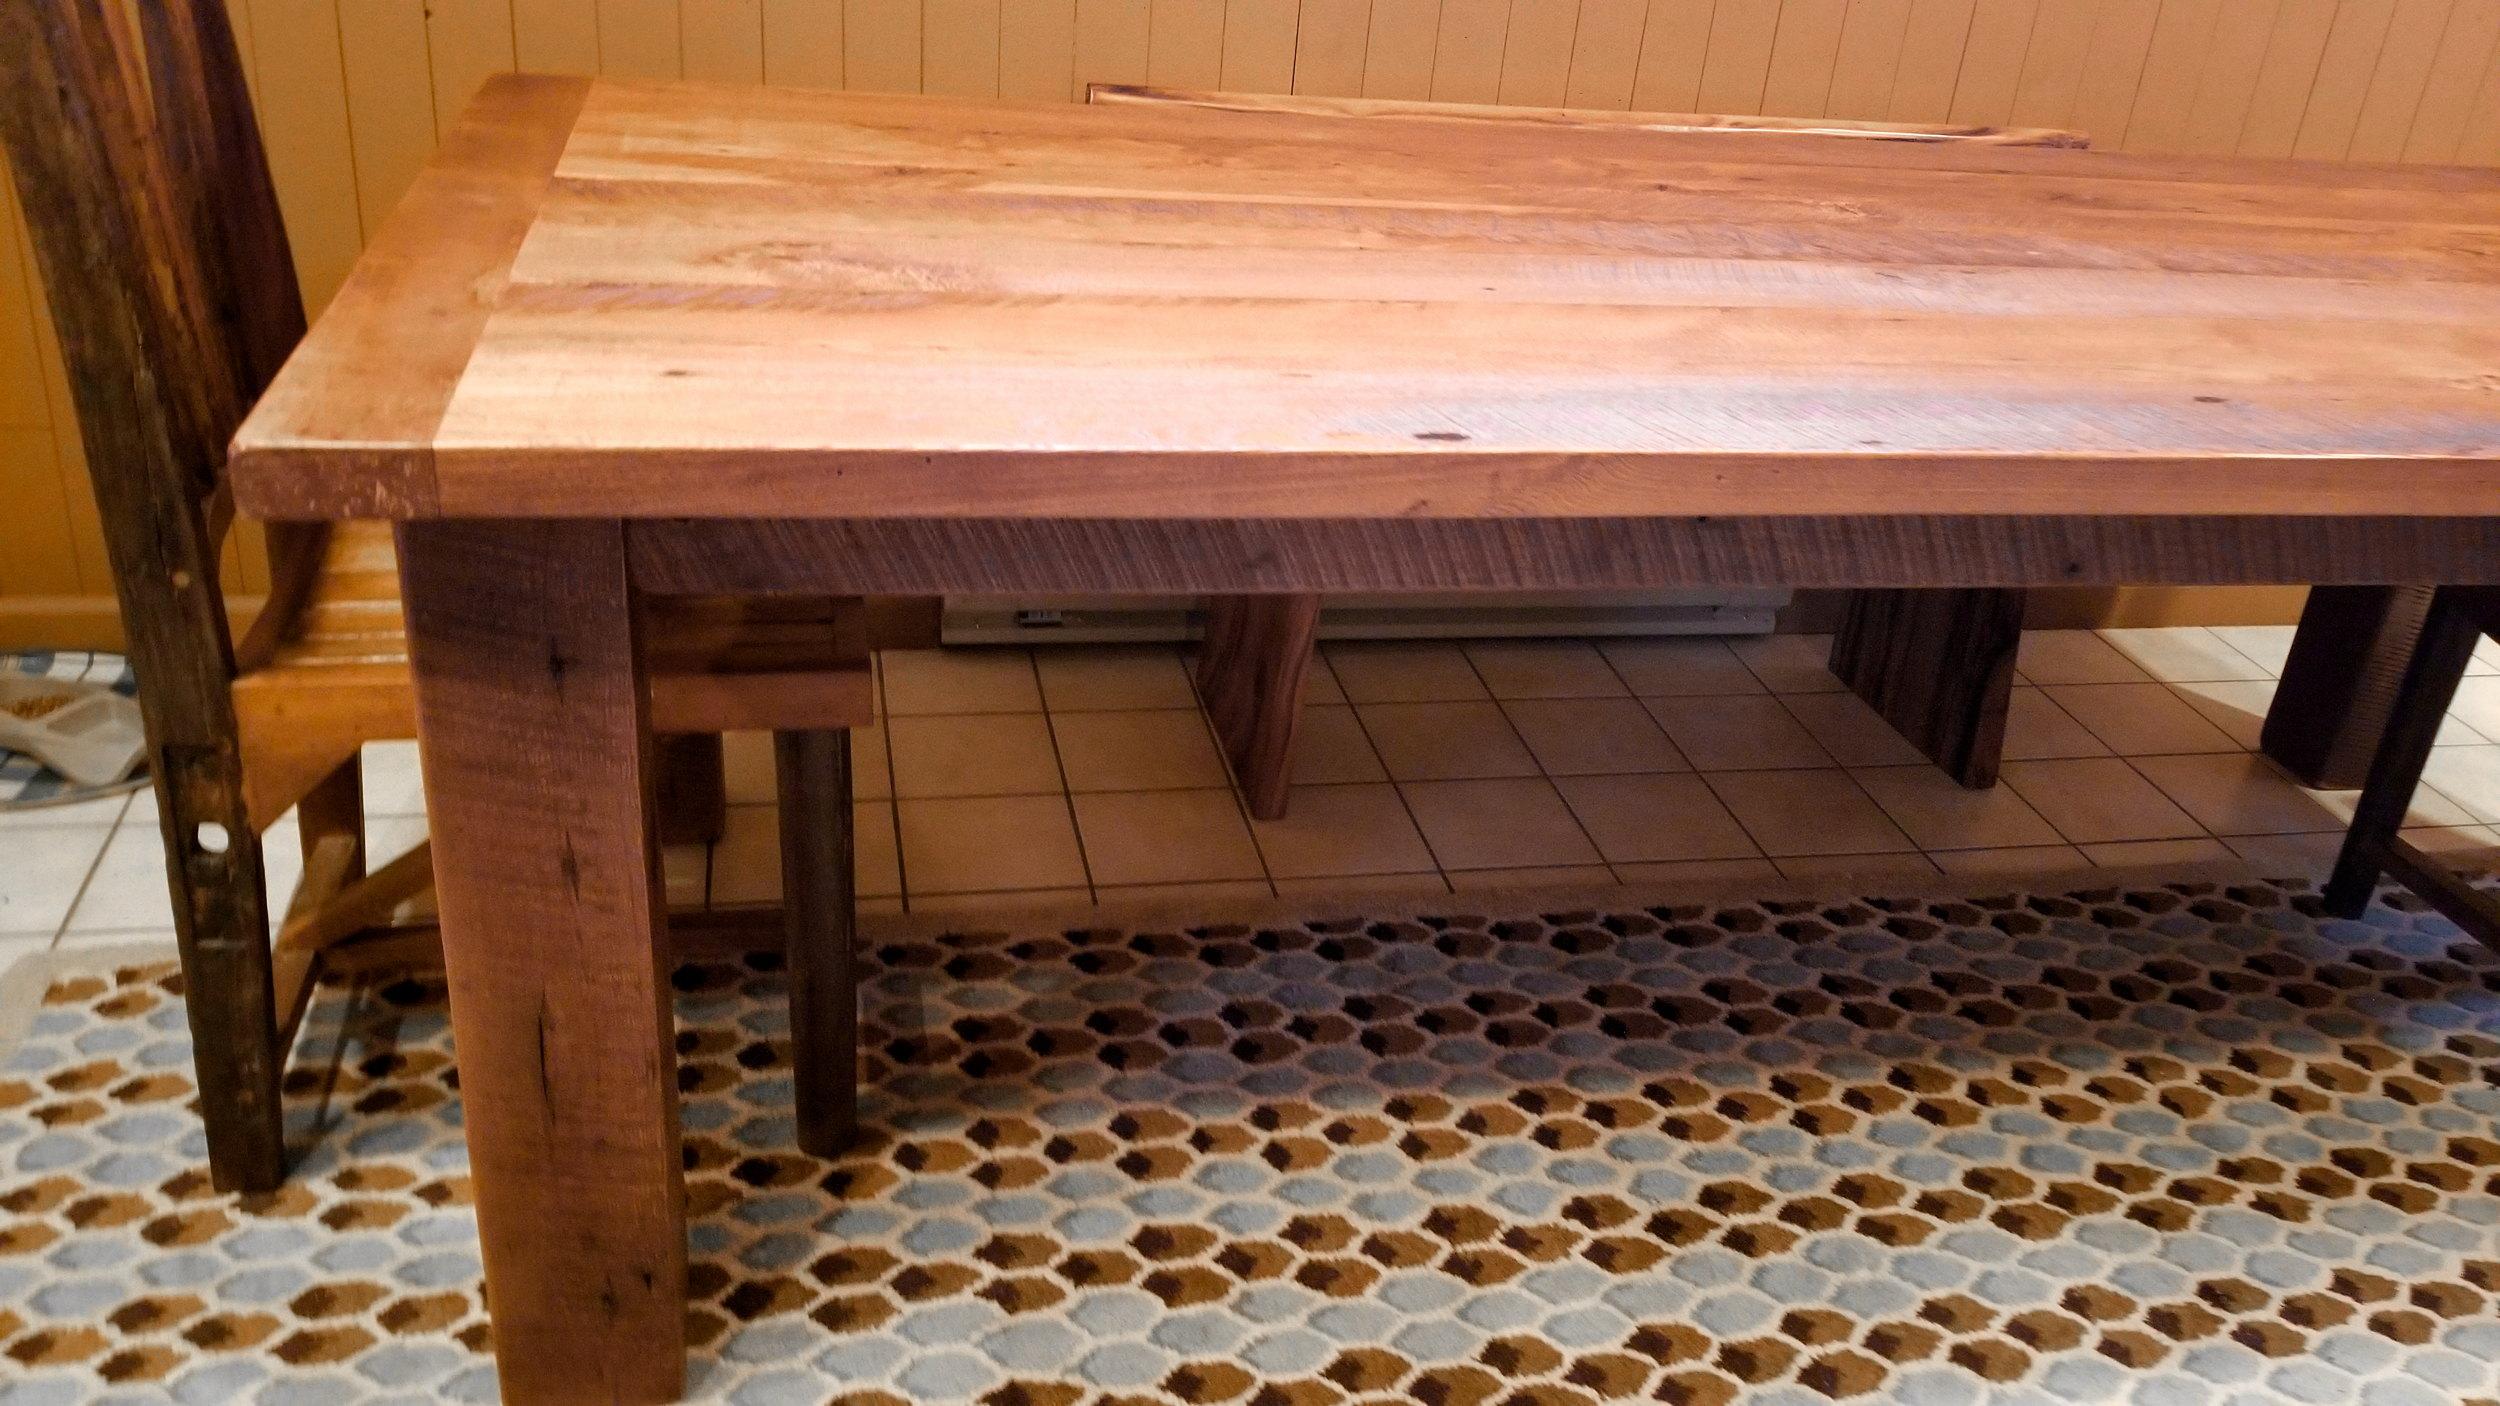 barnwood solid top legs table 2-1.jpg